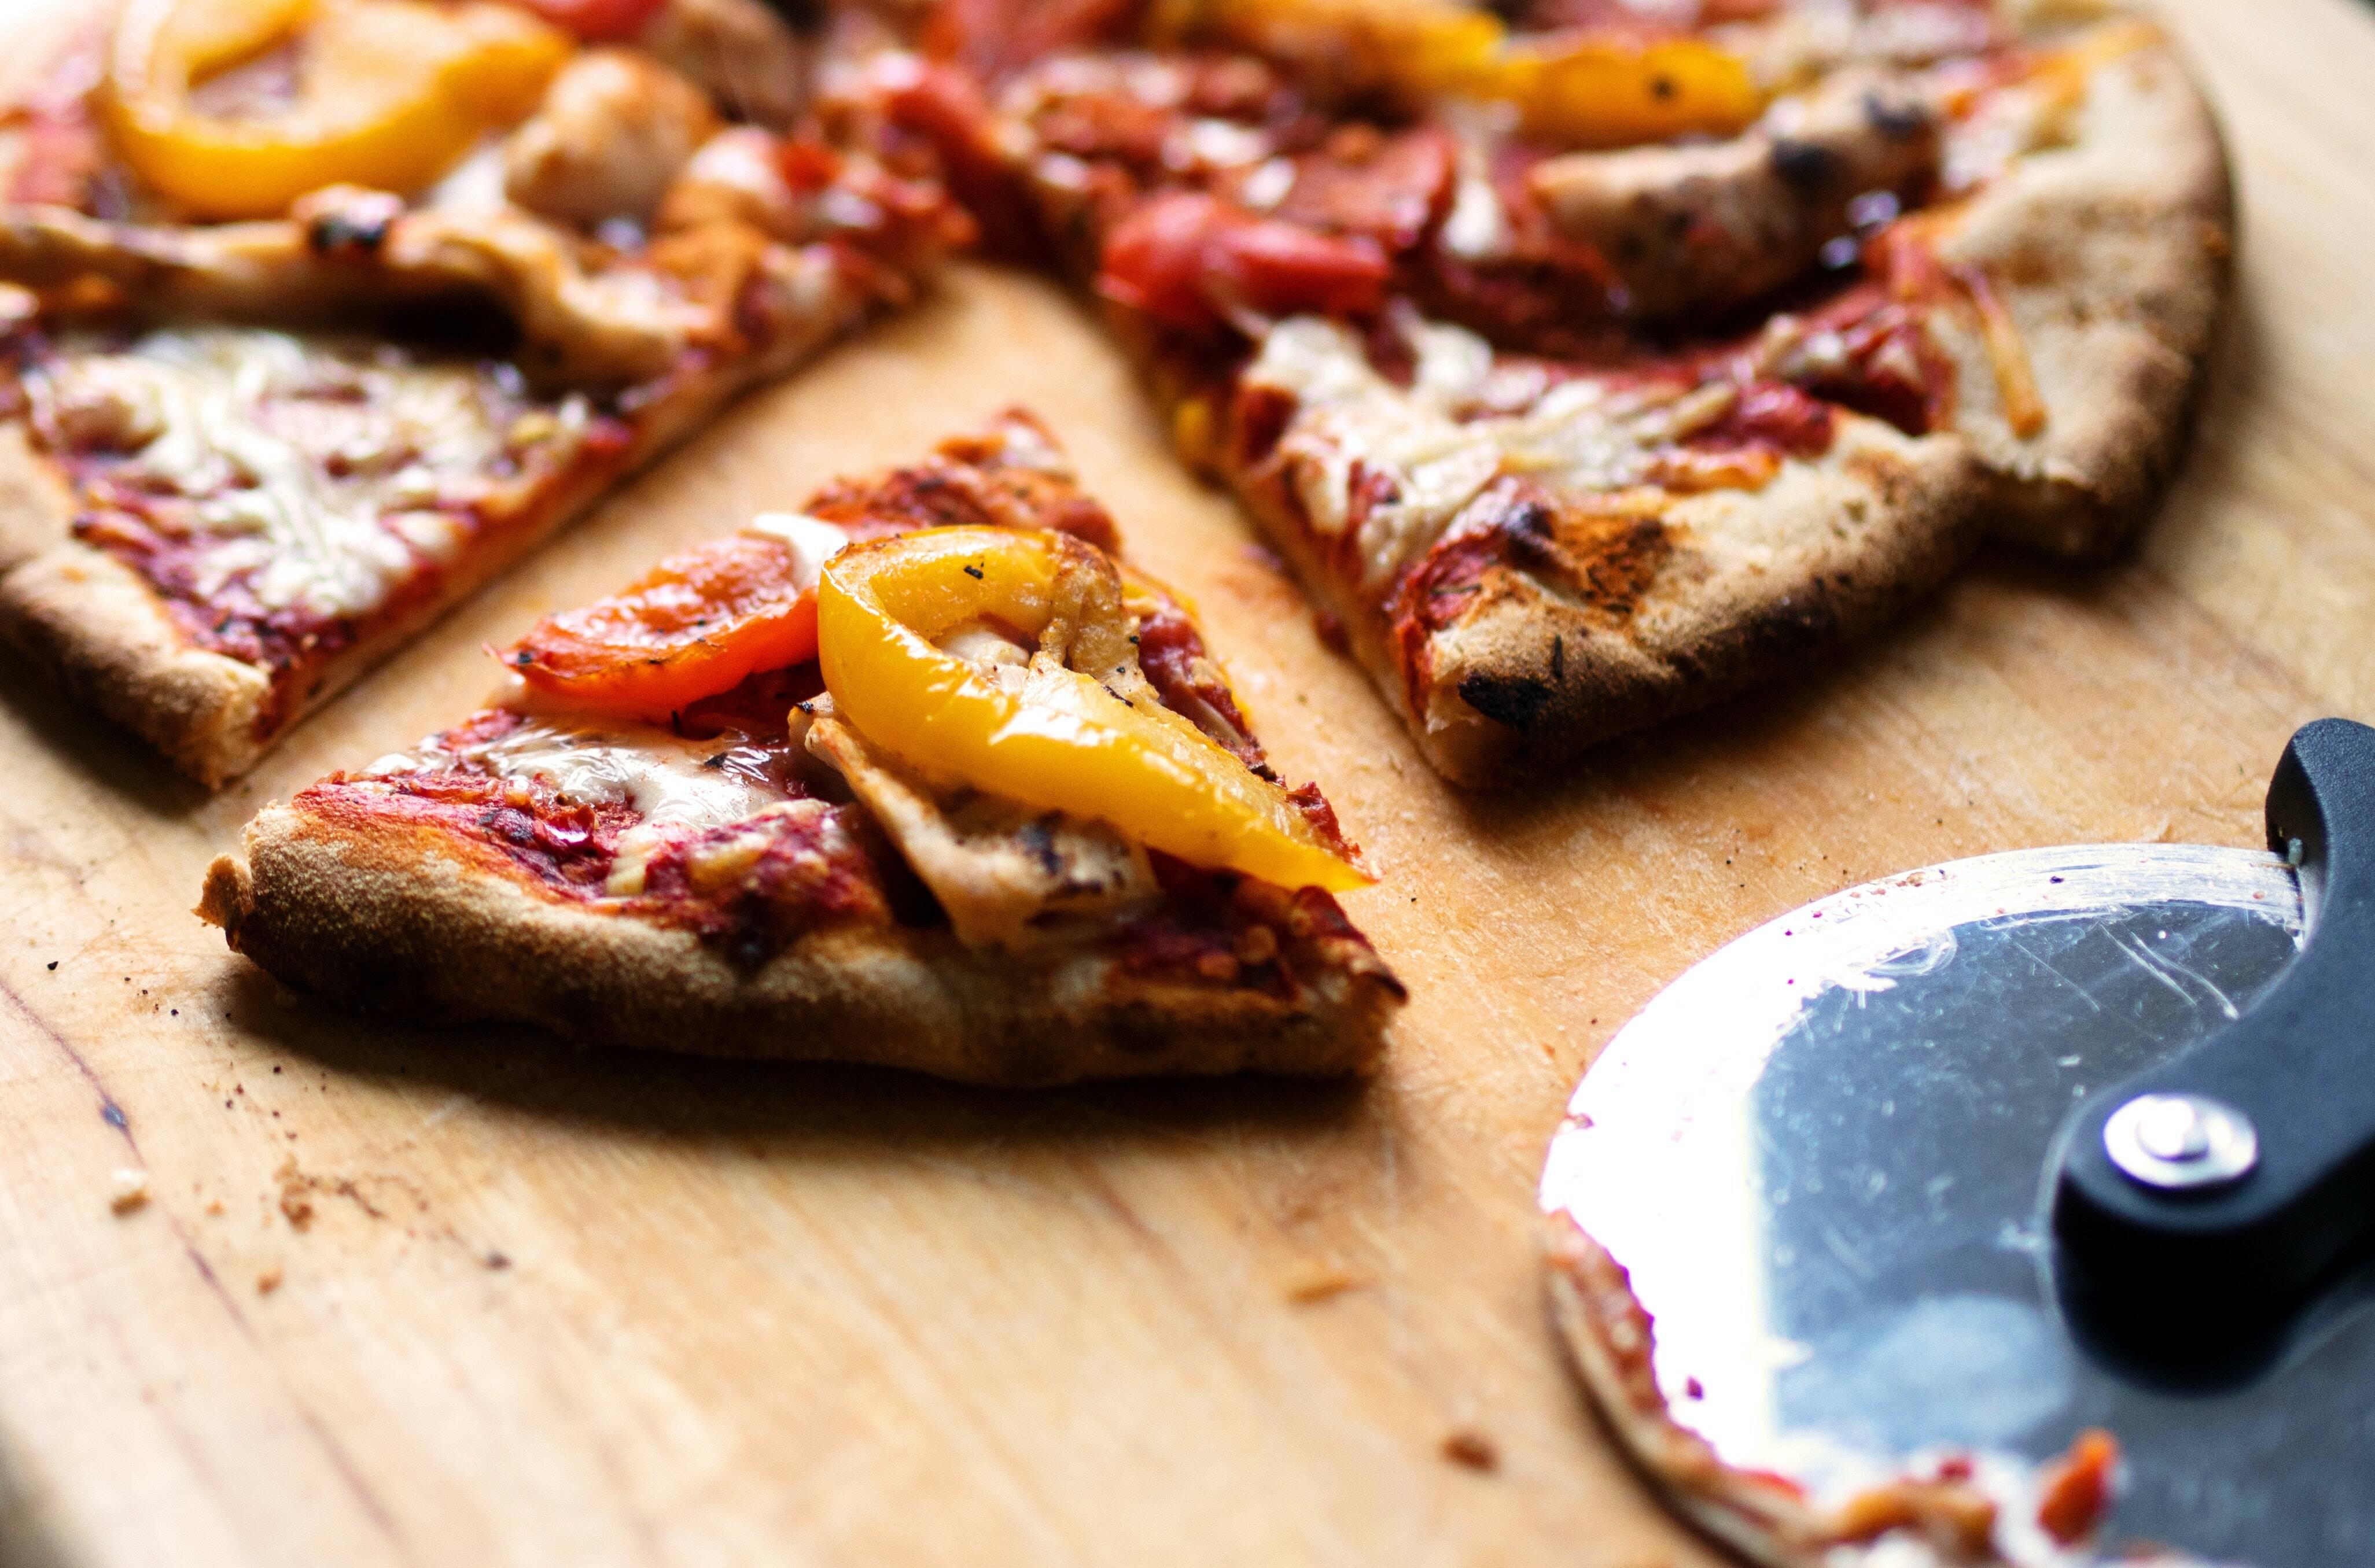 Para o molho: 4 tomates grandes; 5-7 folhas de manjericão e Uma pitada de pimenta. (Foto: Pexels)